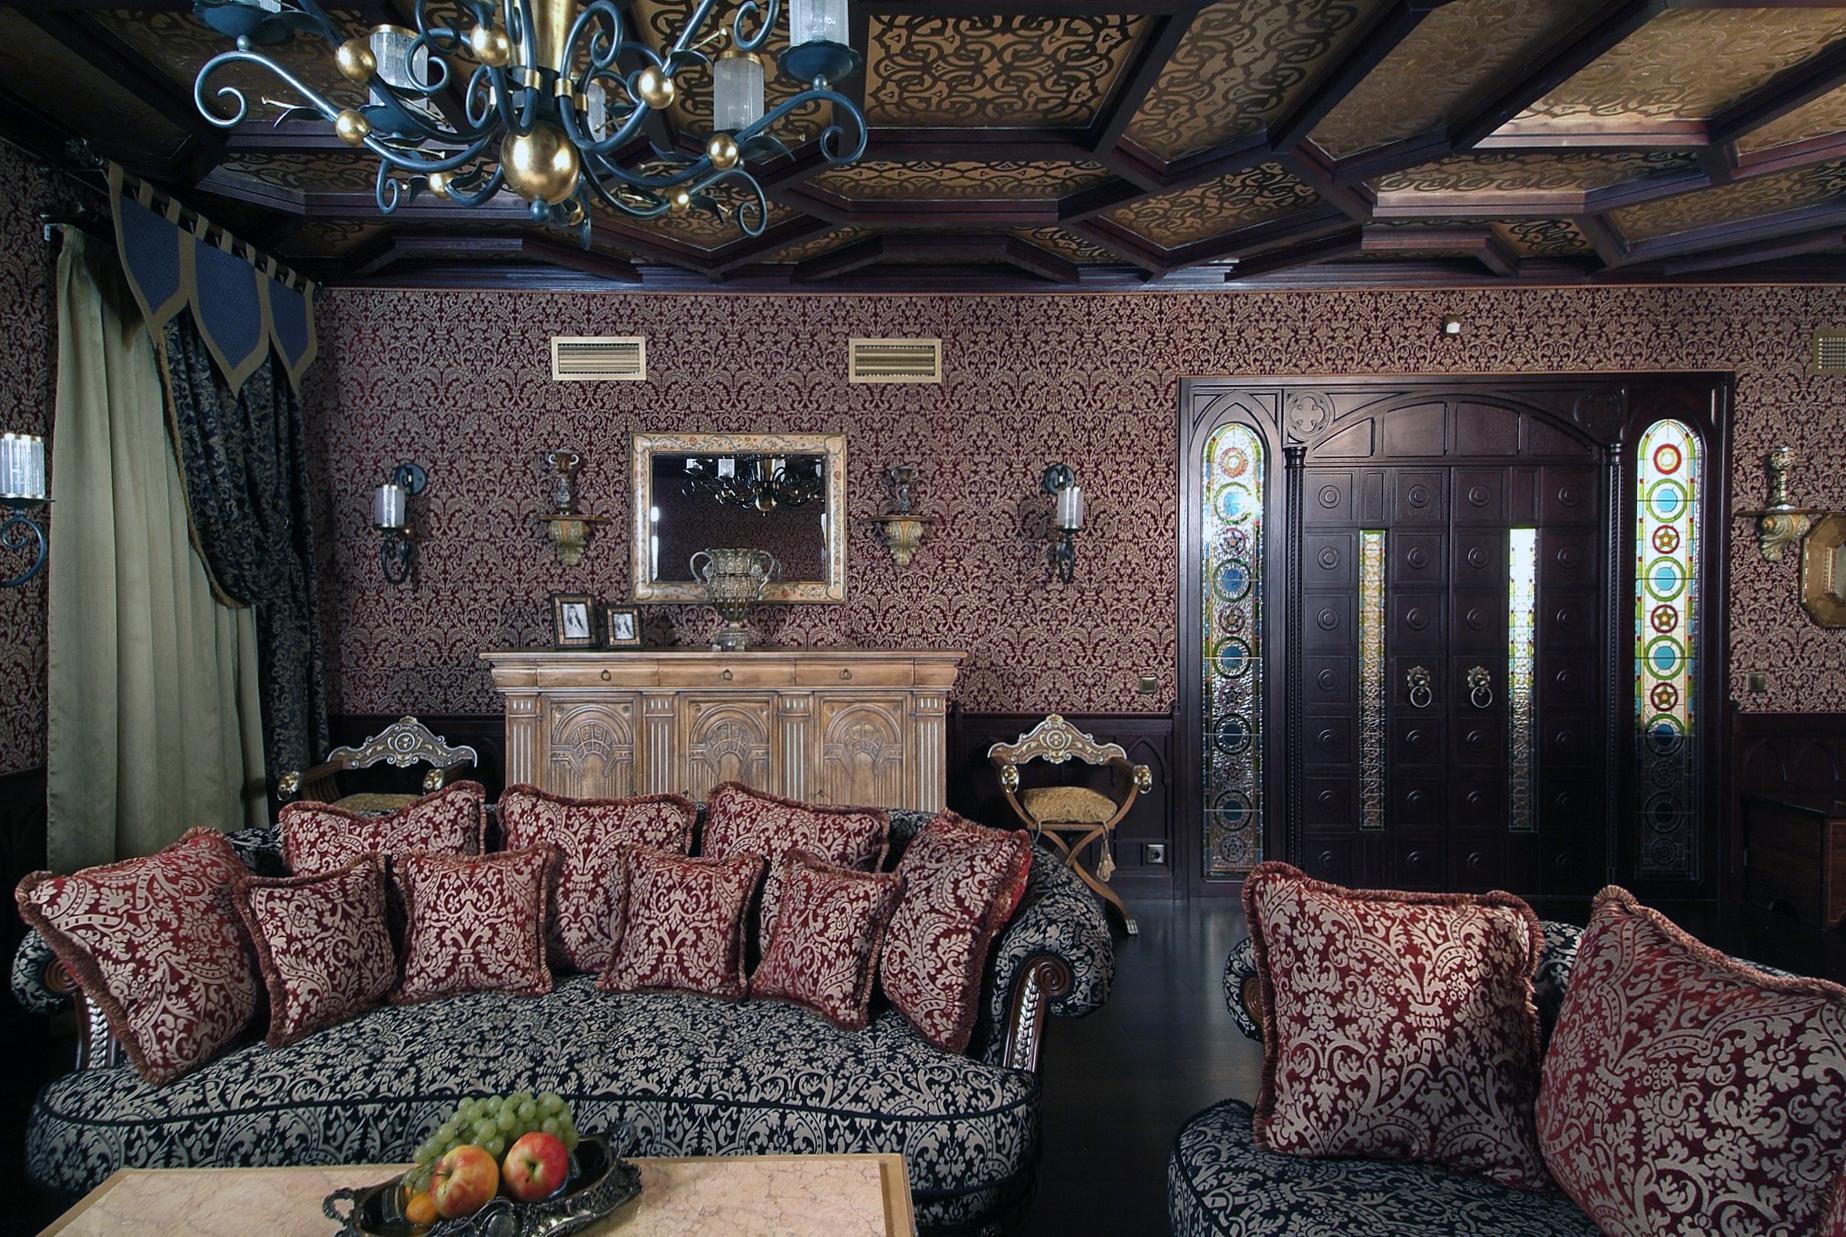 Ажурные элементы и рисунок в комнате в готическом стиле